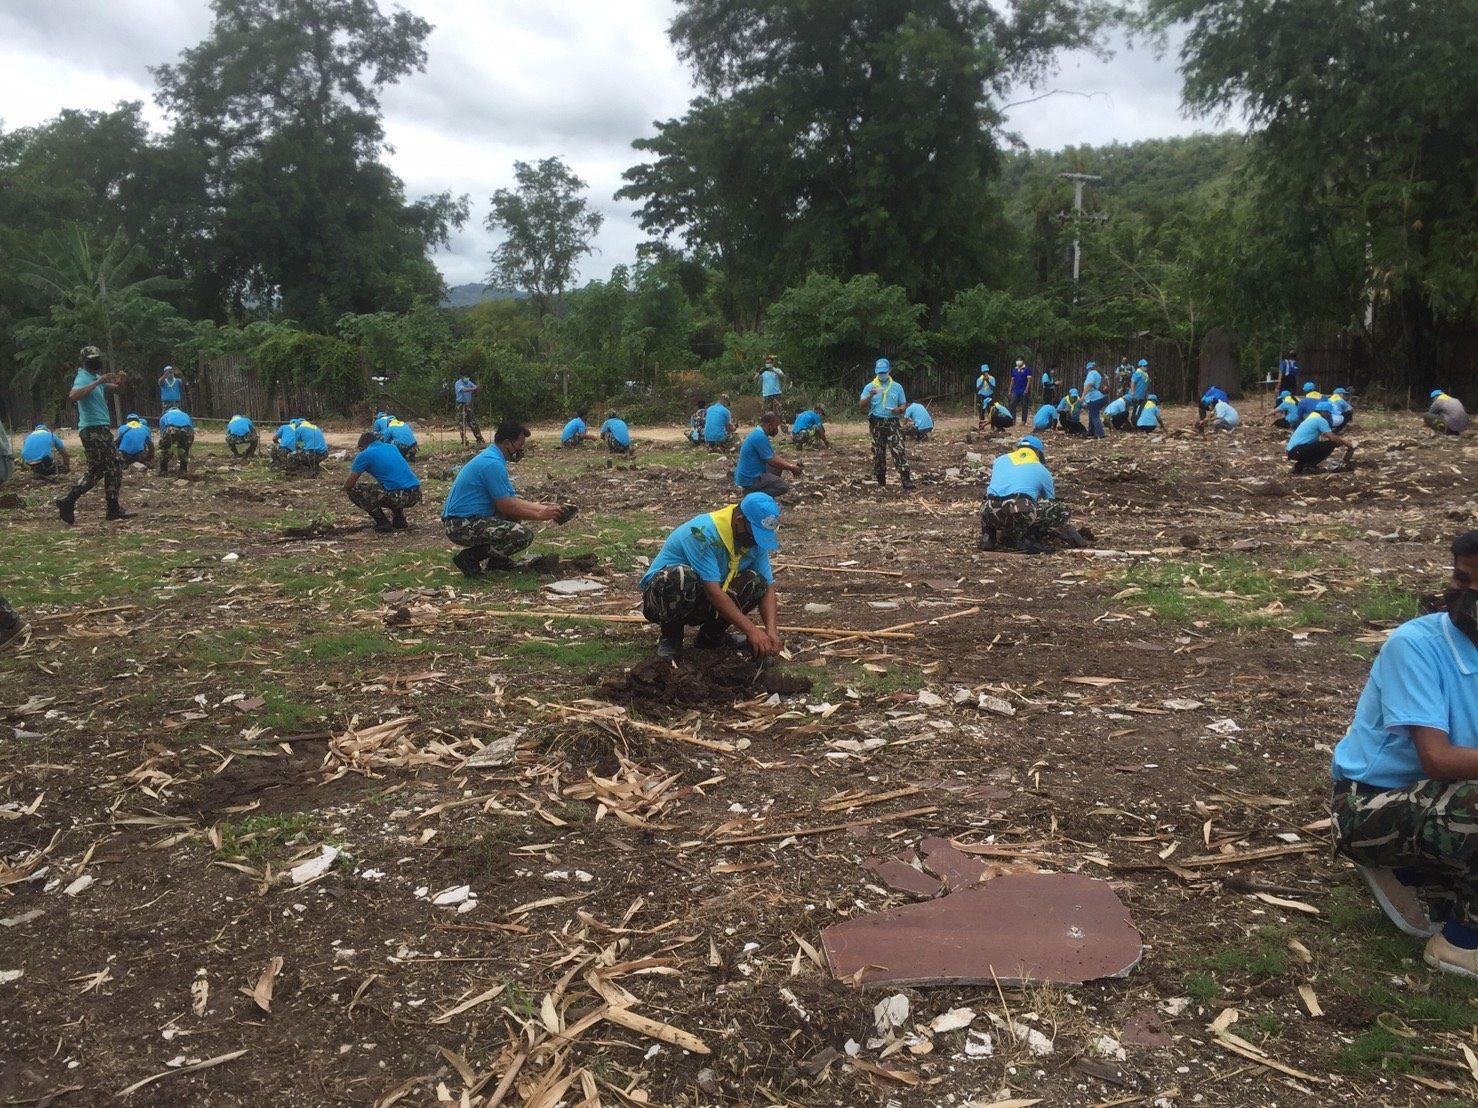 วันแม่แห่งชาติ กาญจนบุรีปลูกป่าในพื้นที่รีสอรท์ หลังนายทุนนครปฐมยอมรื้อ